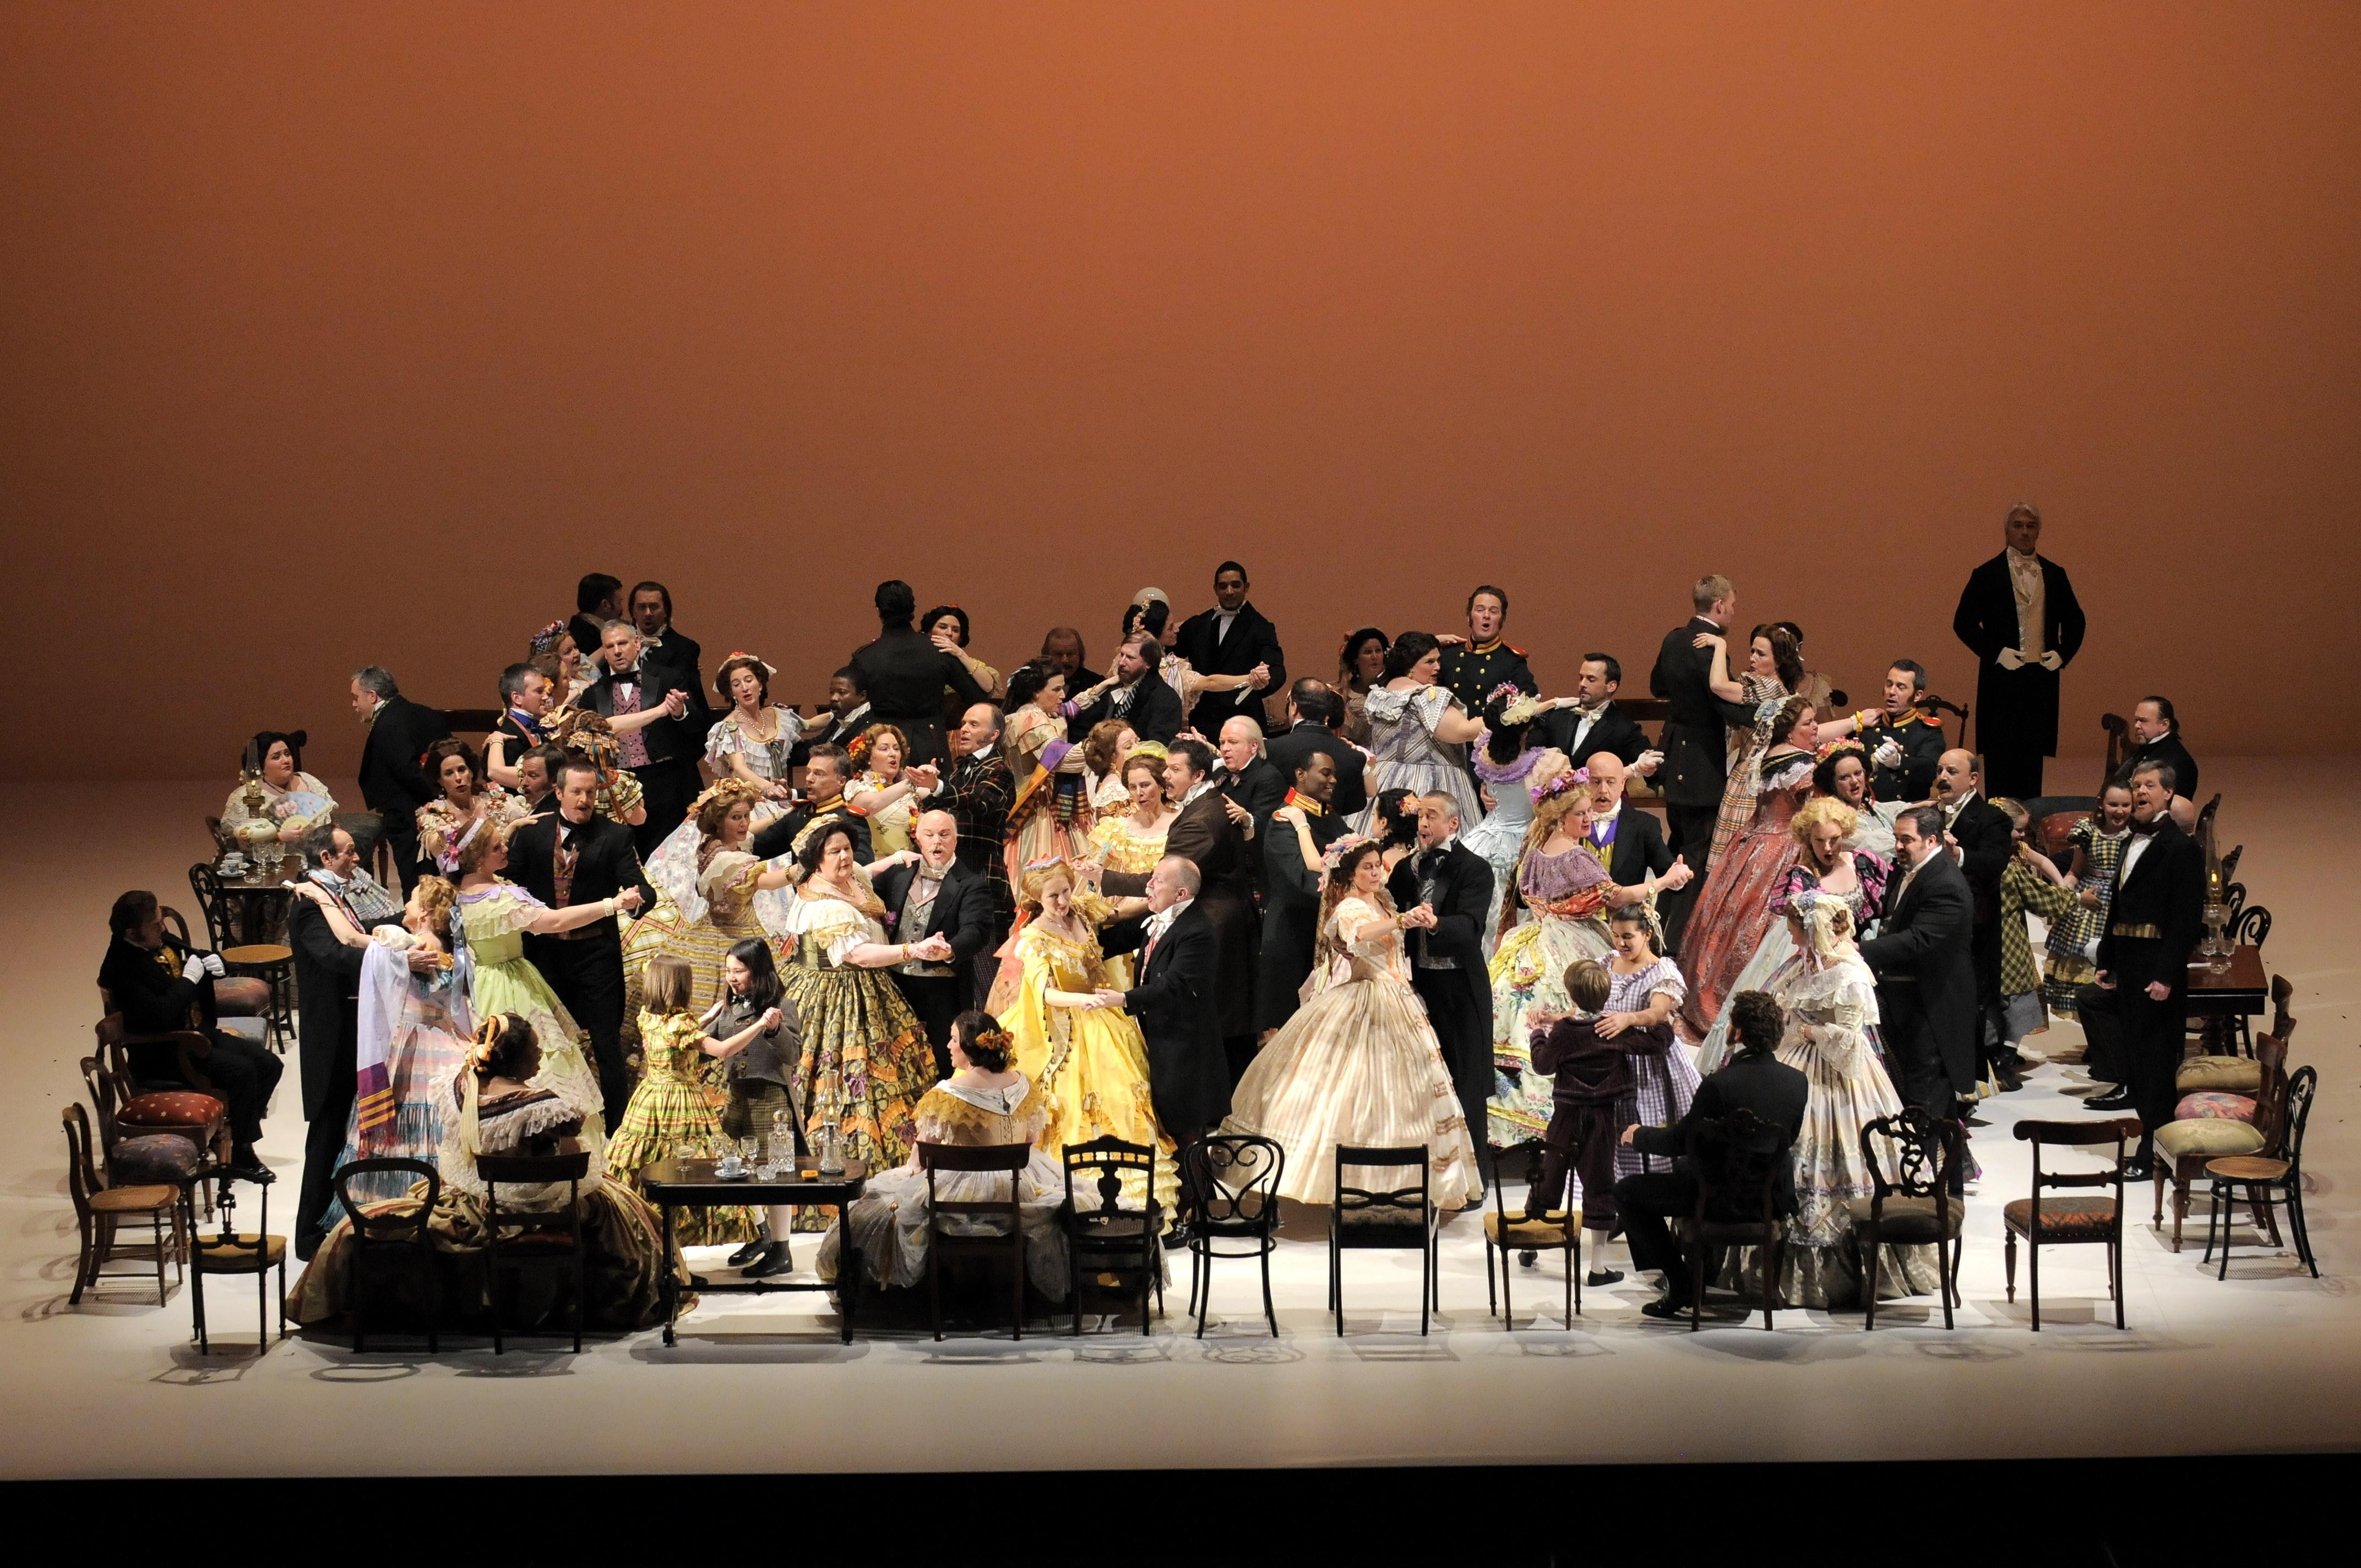 Картинки евгений онегин опера